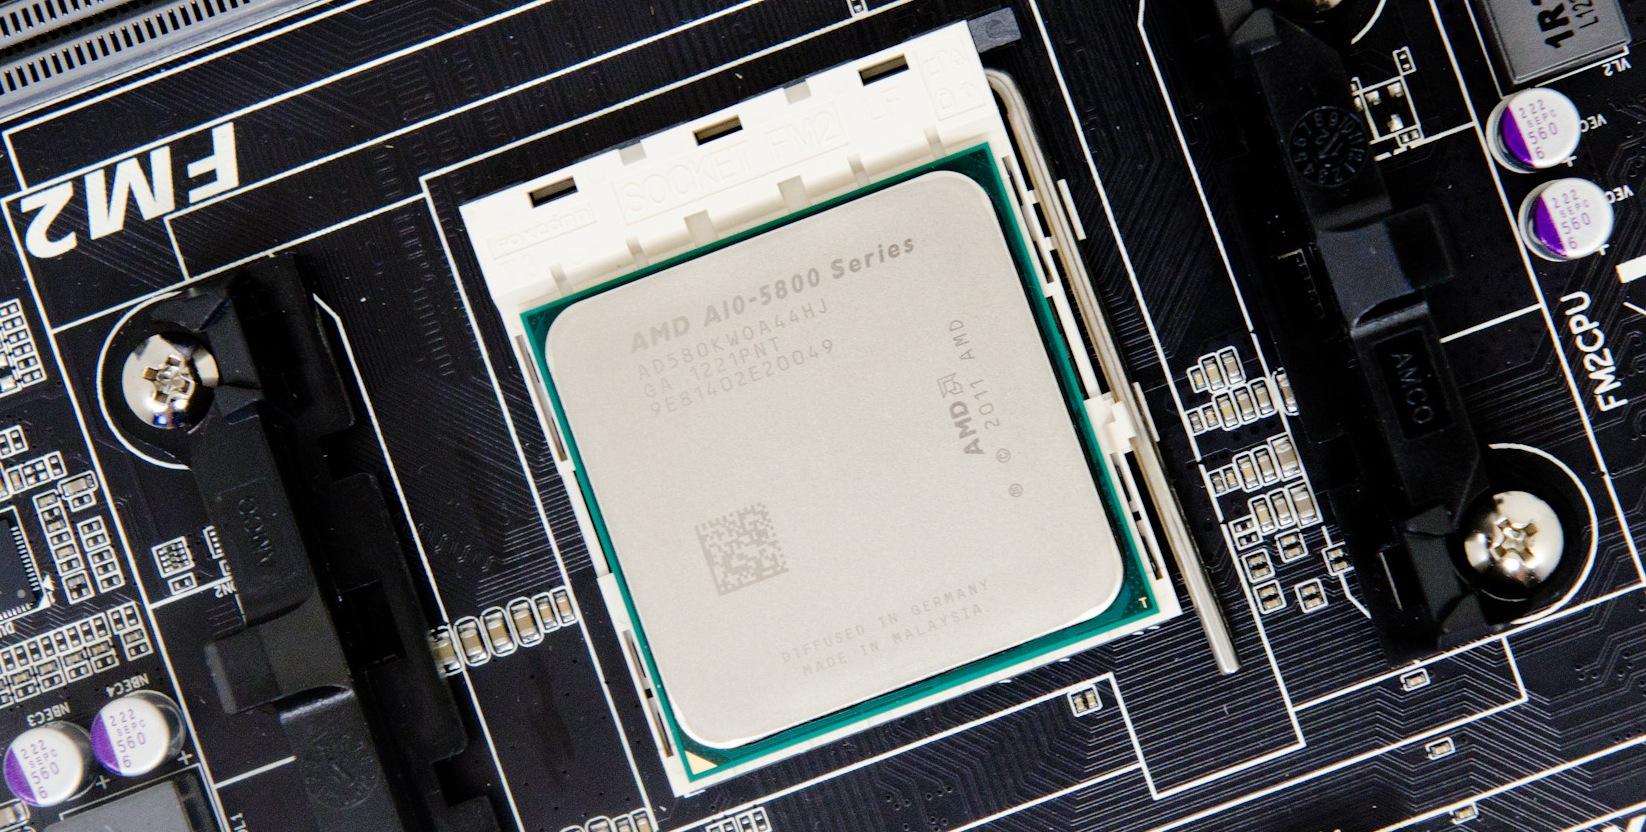 AMD A10-5800K doboara din nou recordul de overclocking cu 7,87 GHz